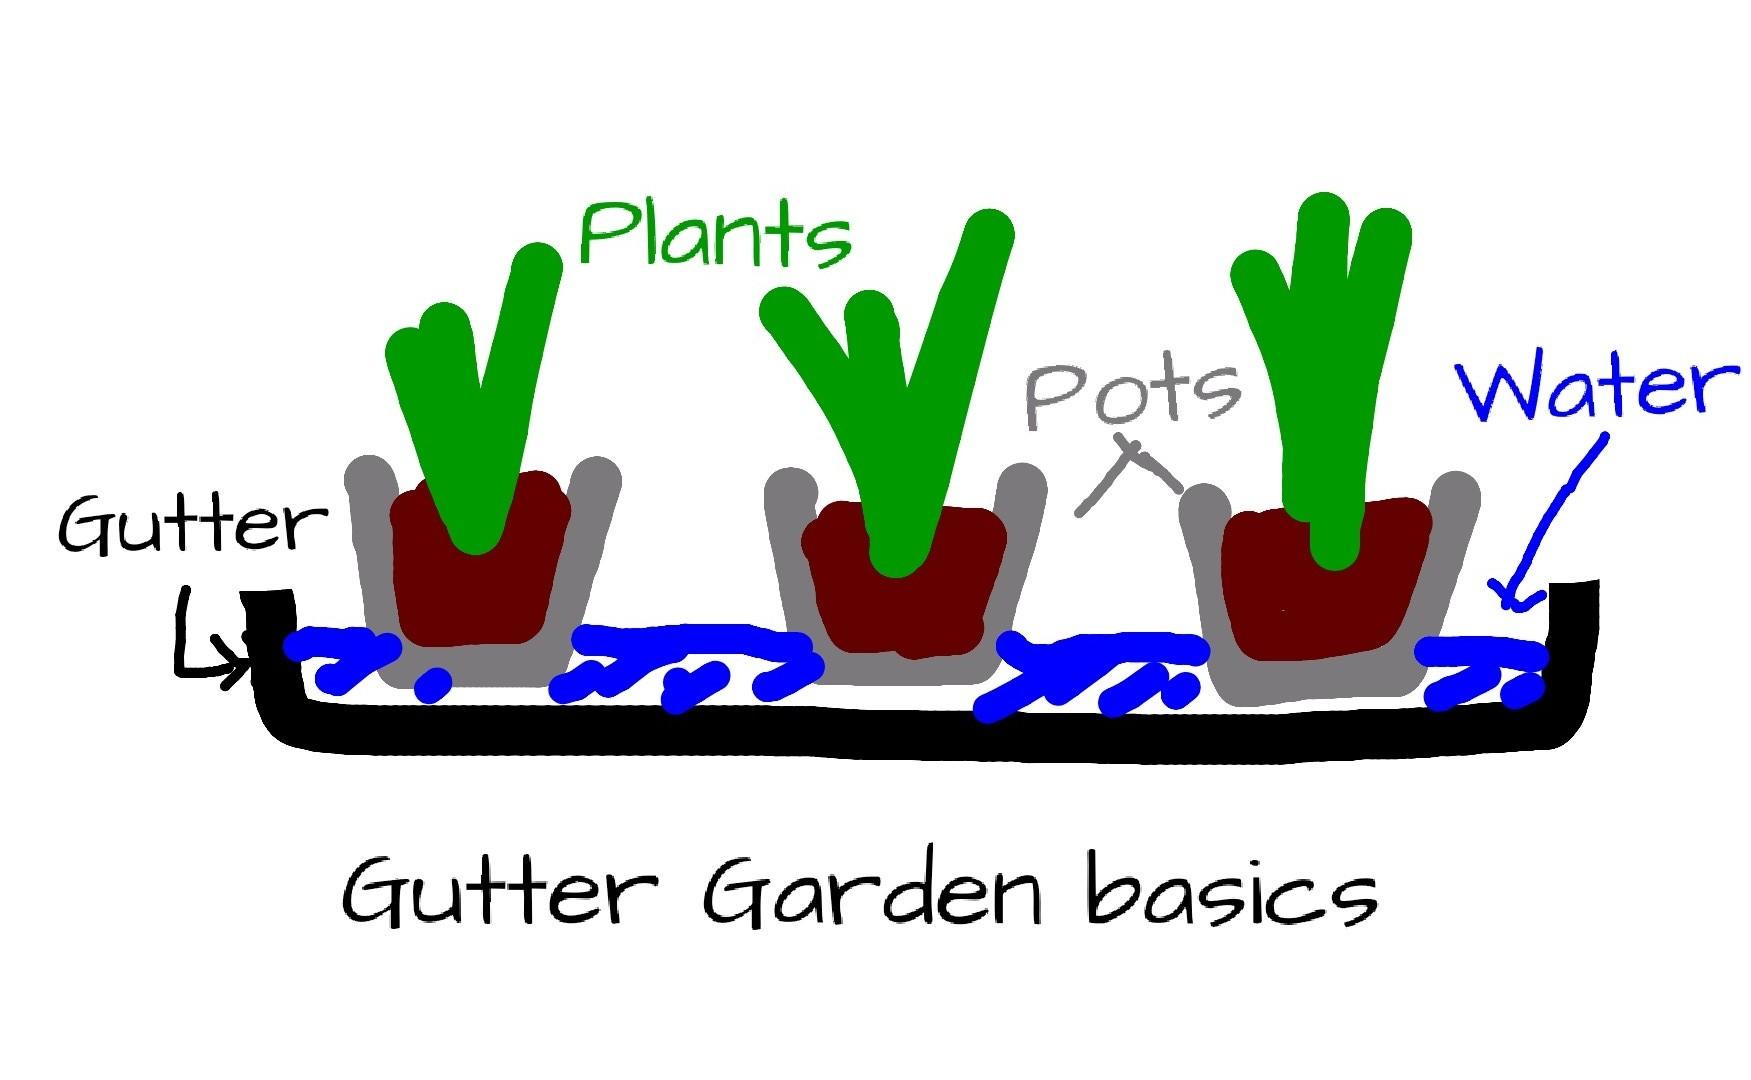 Essentials of a gutter garden